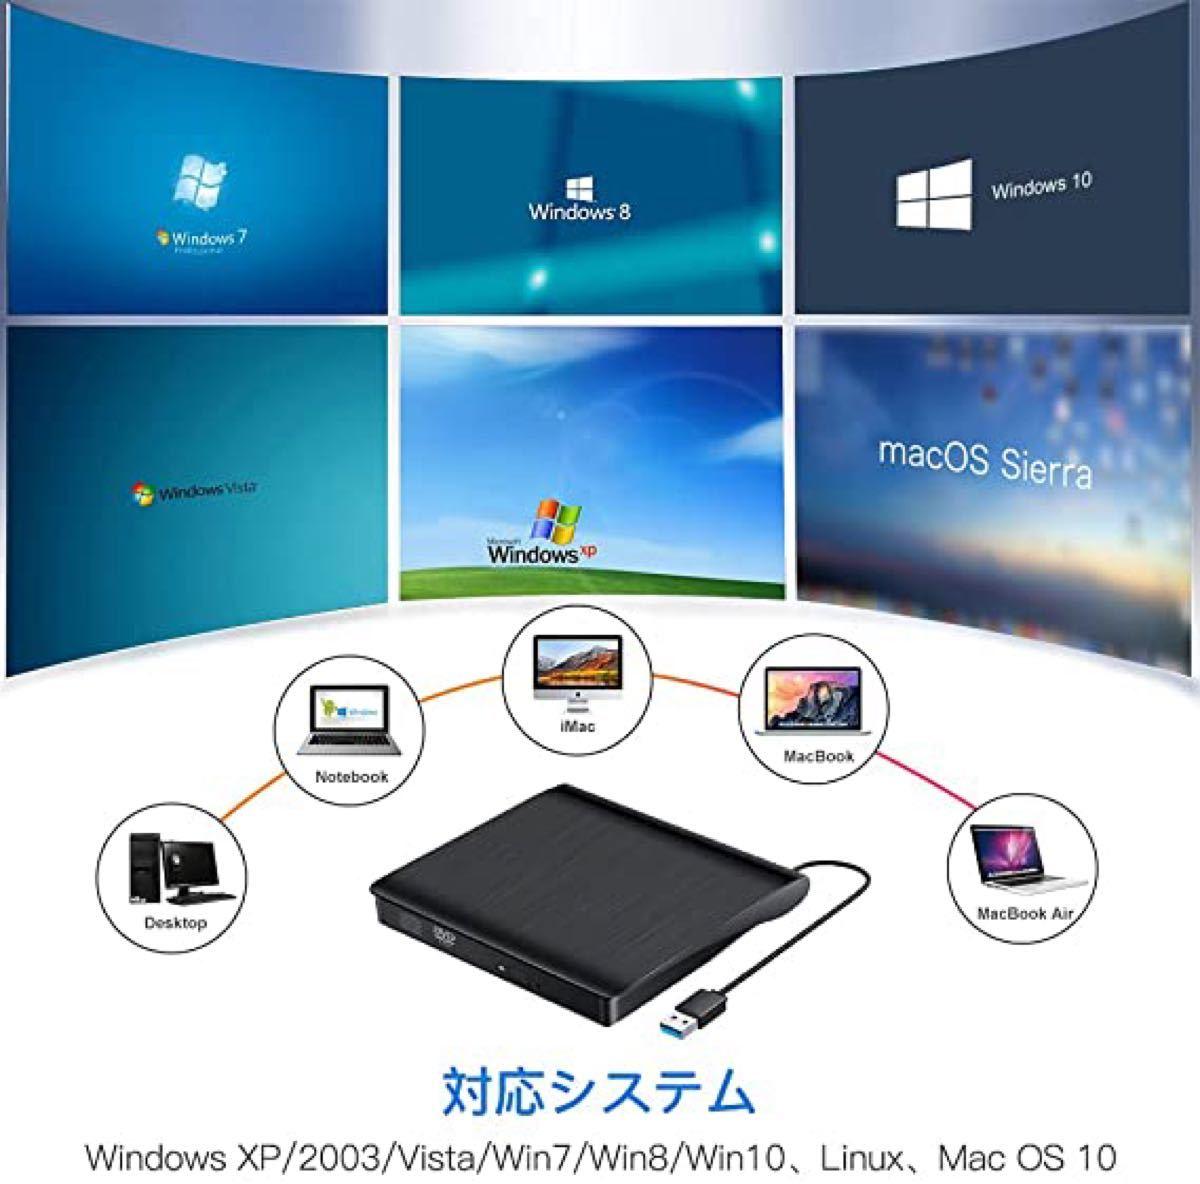 外付けDVDドライブ DVDプレイヤー ポータブル DVD±RW DVD CD-RW USB3.0 Window 薄型